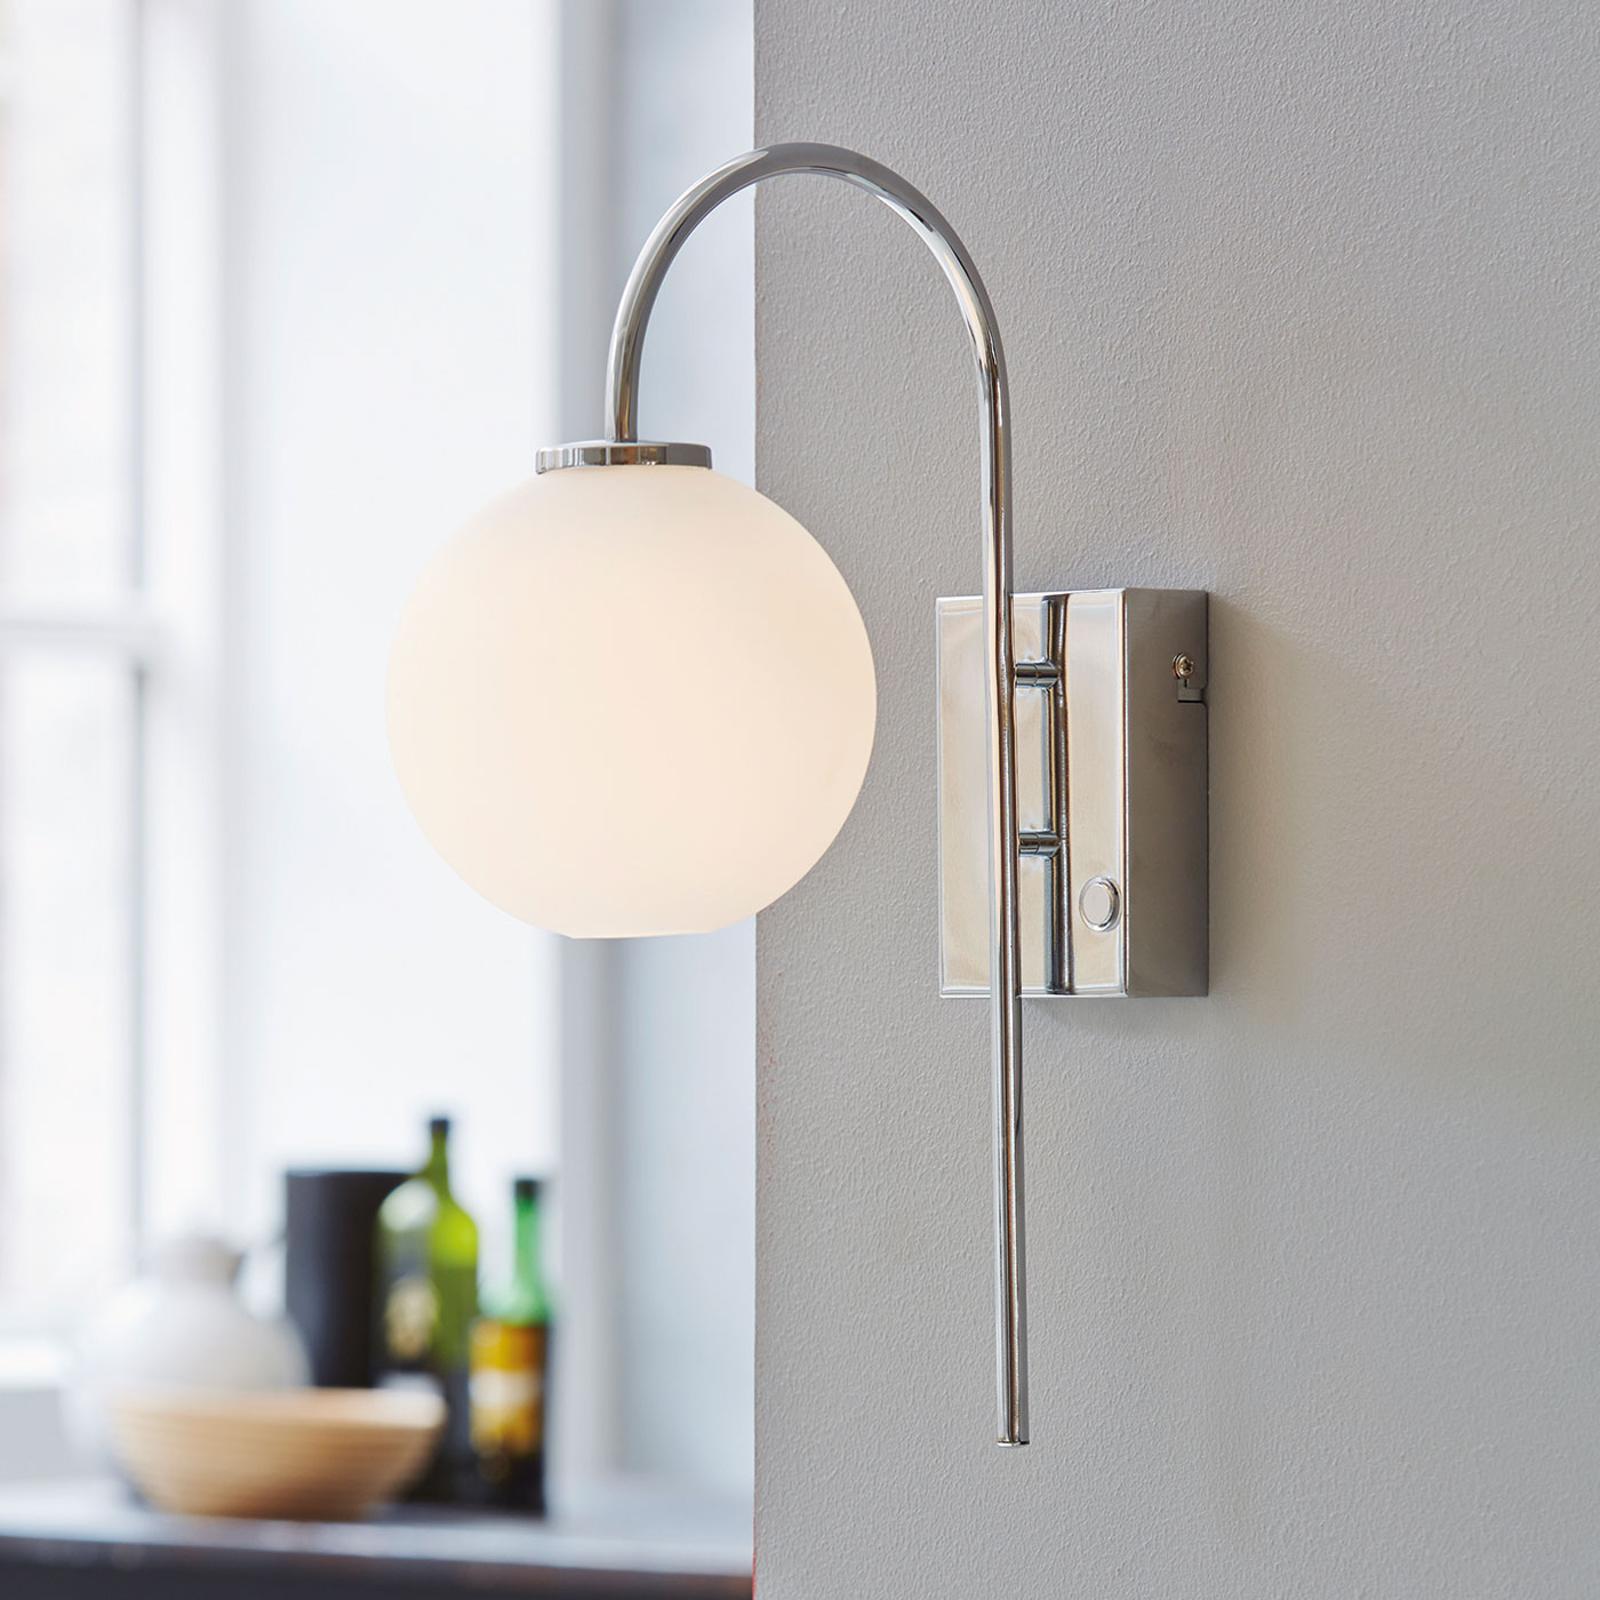 Wandlamp Ballon met stekker, 1-lamp, chroom